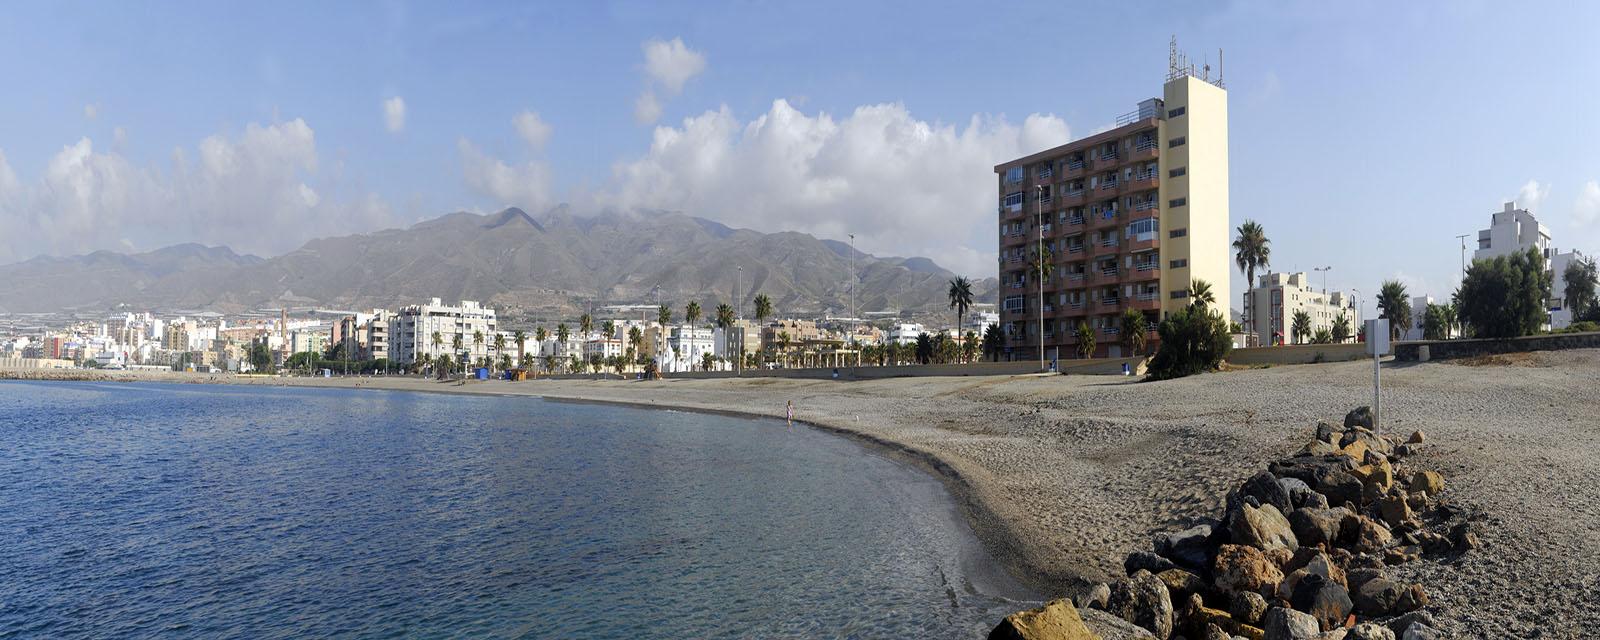 Cinco 'Q de Calidad' acreditan la excelencia de las playas y la Oficina de Turismo de Adra